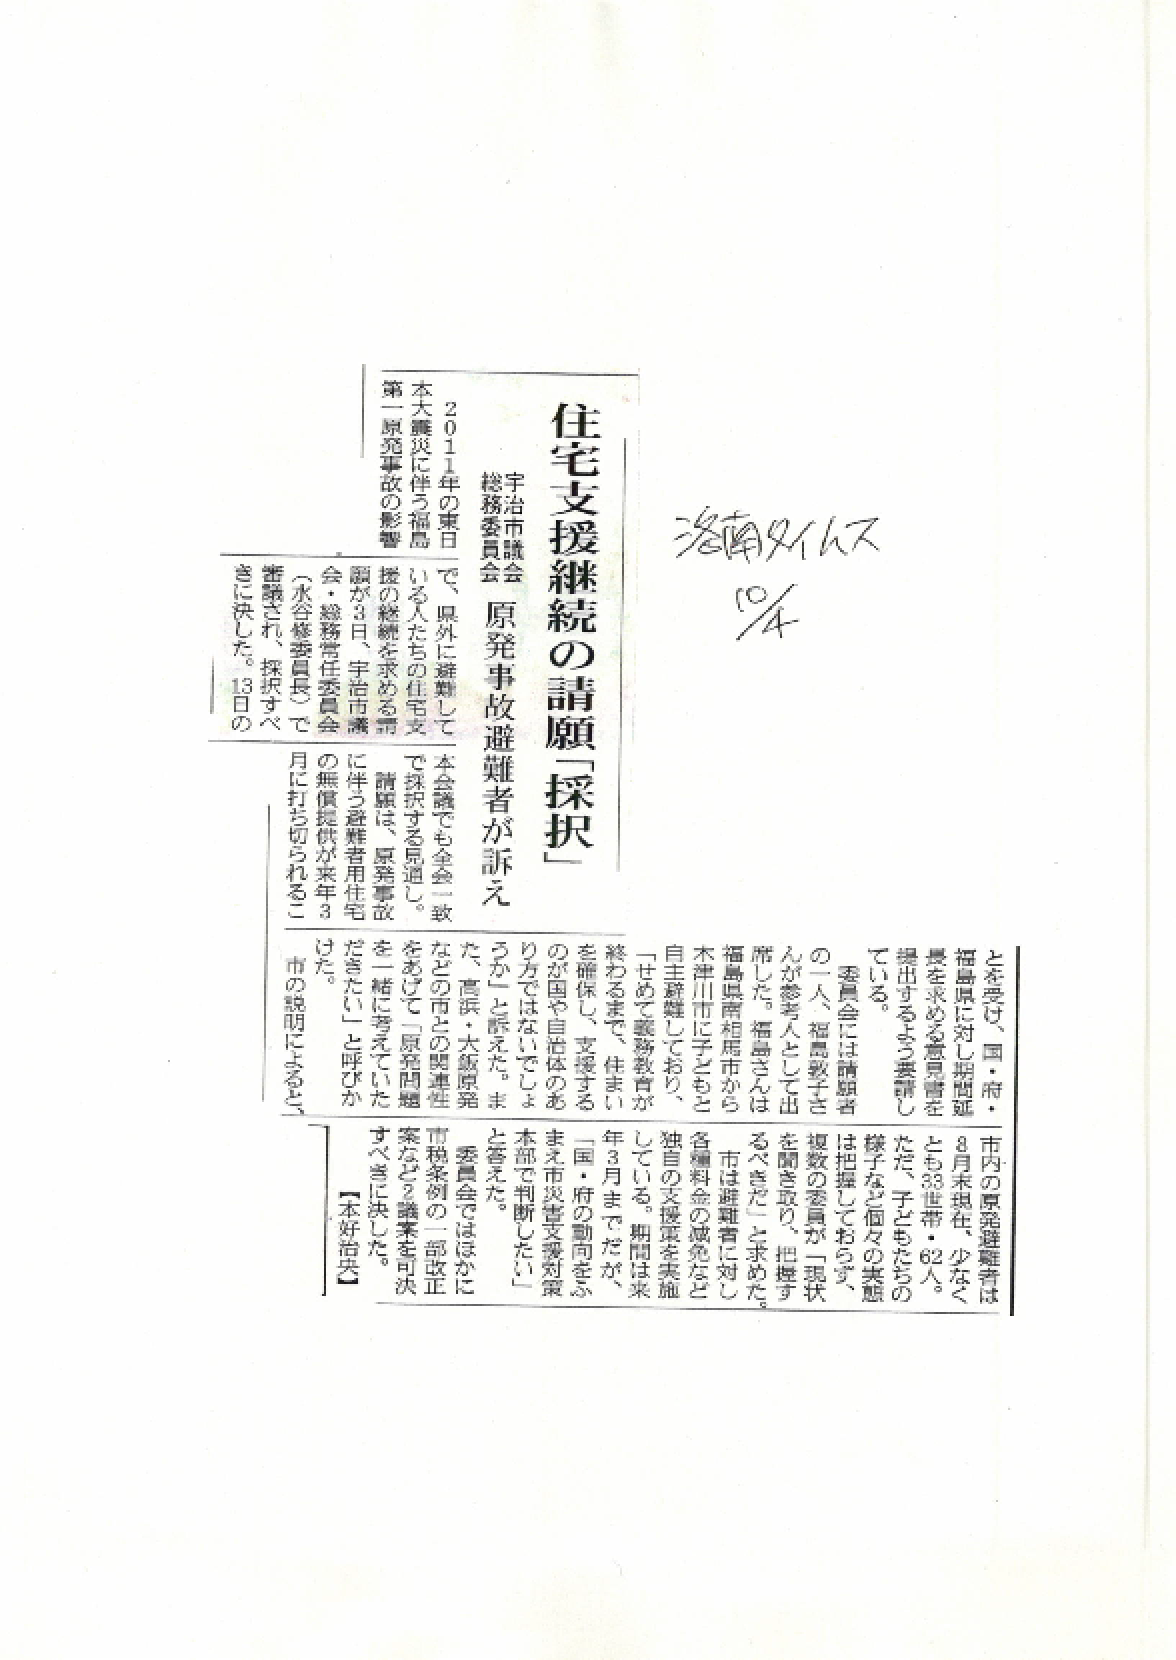 【お知らせ】10月3日の宇治市総務常任委員会での住宅支援継続請願についての参考人質疑の報道です!_a0224877_01250105.png